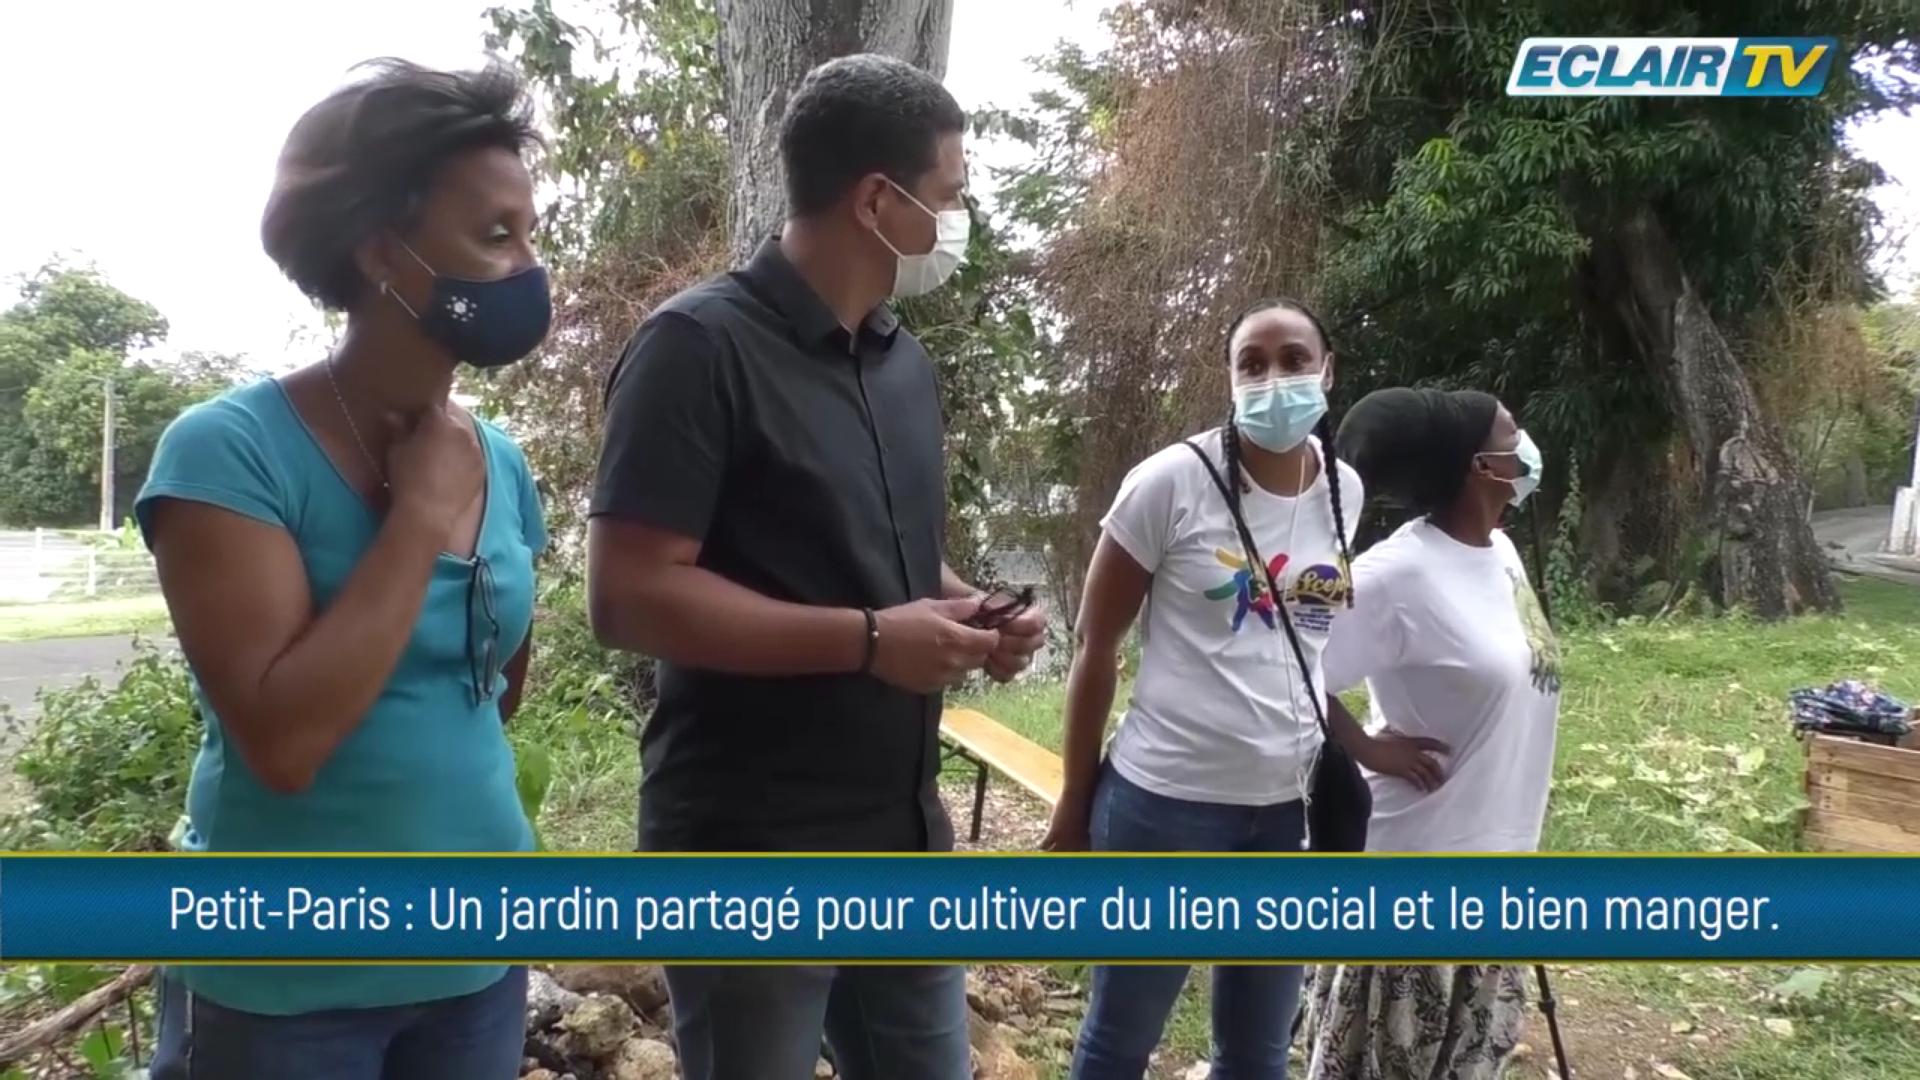 [Vidéo] Onews Guadeloupe.  A Petit Paris Basse Terre jardin potagé pour cultiver du lien social et bien manger (ECLAIR TV)